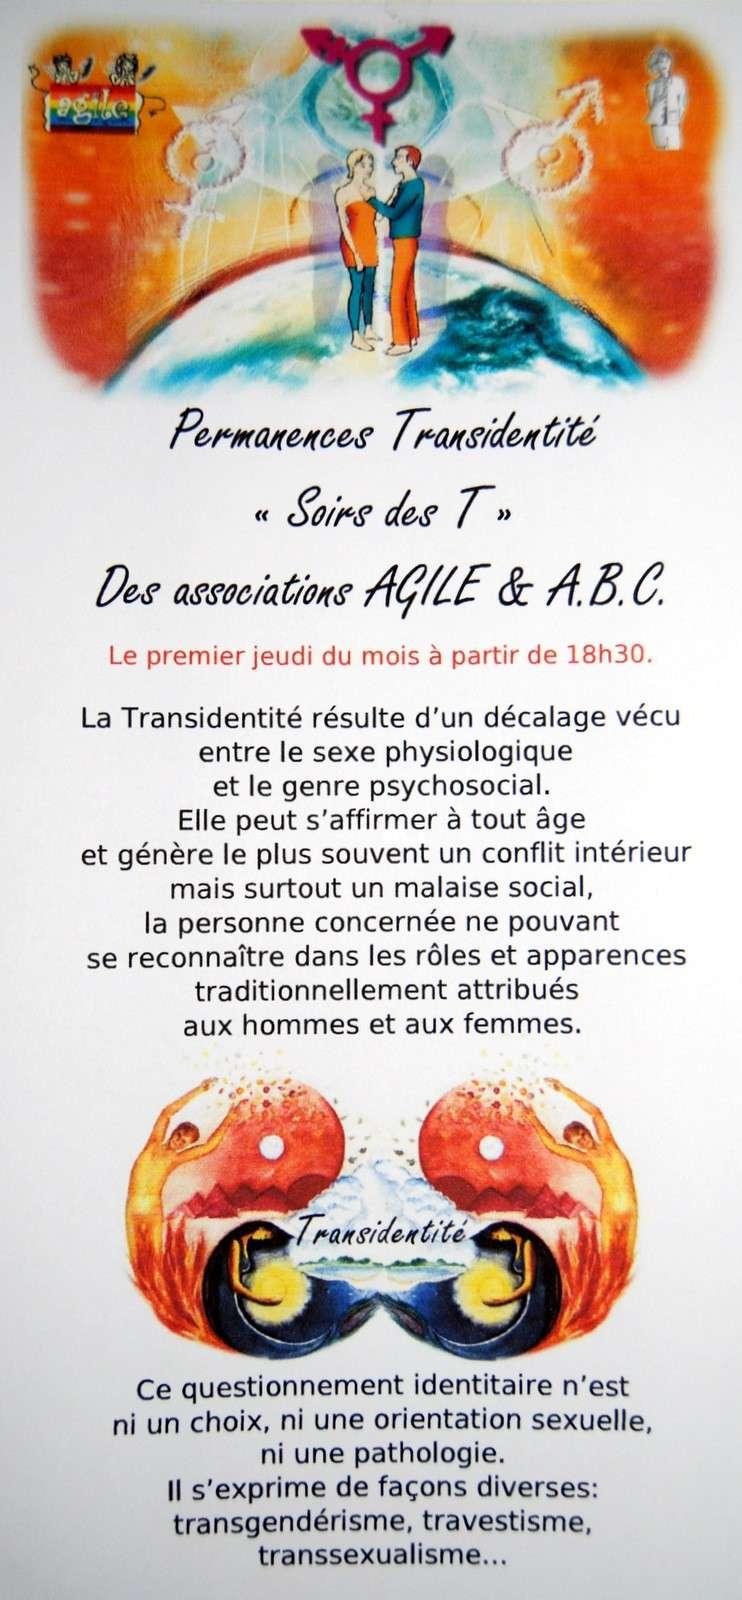 """Permanence Transidentité """"Soir des T"""" à Clermont-Ferrand. Dsc_8711"""